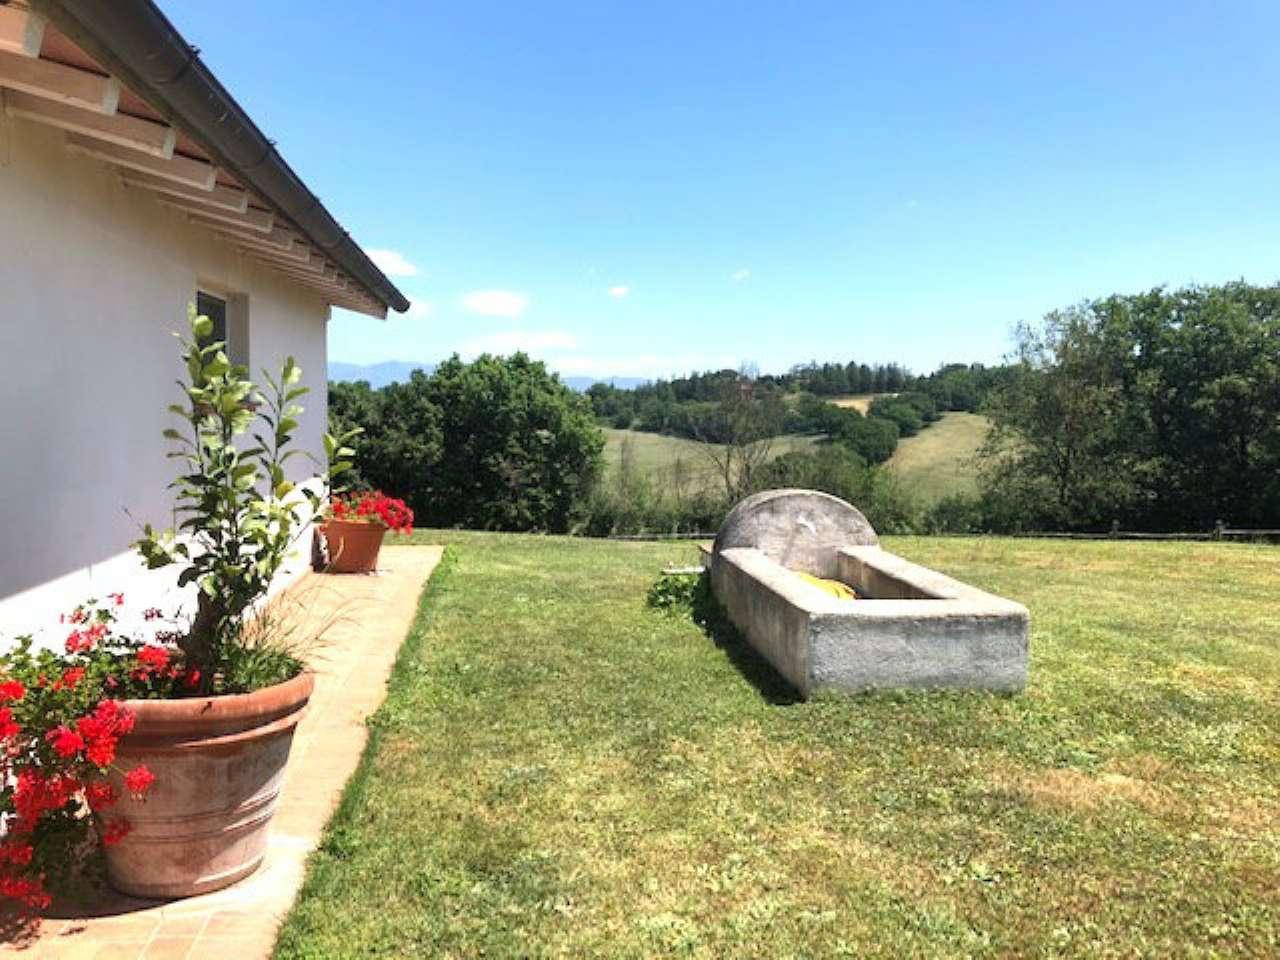 Villa in vendita a Rignano Flaminio, 7 locali, prezzo € 550.000 | CambioCasa.it